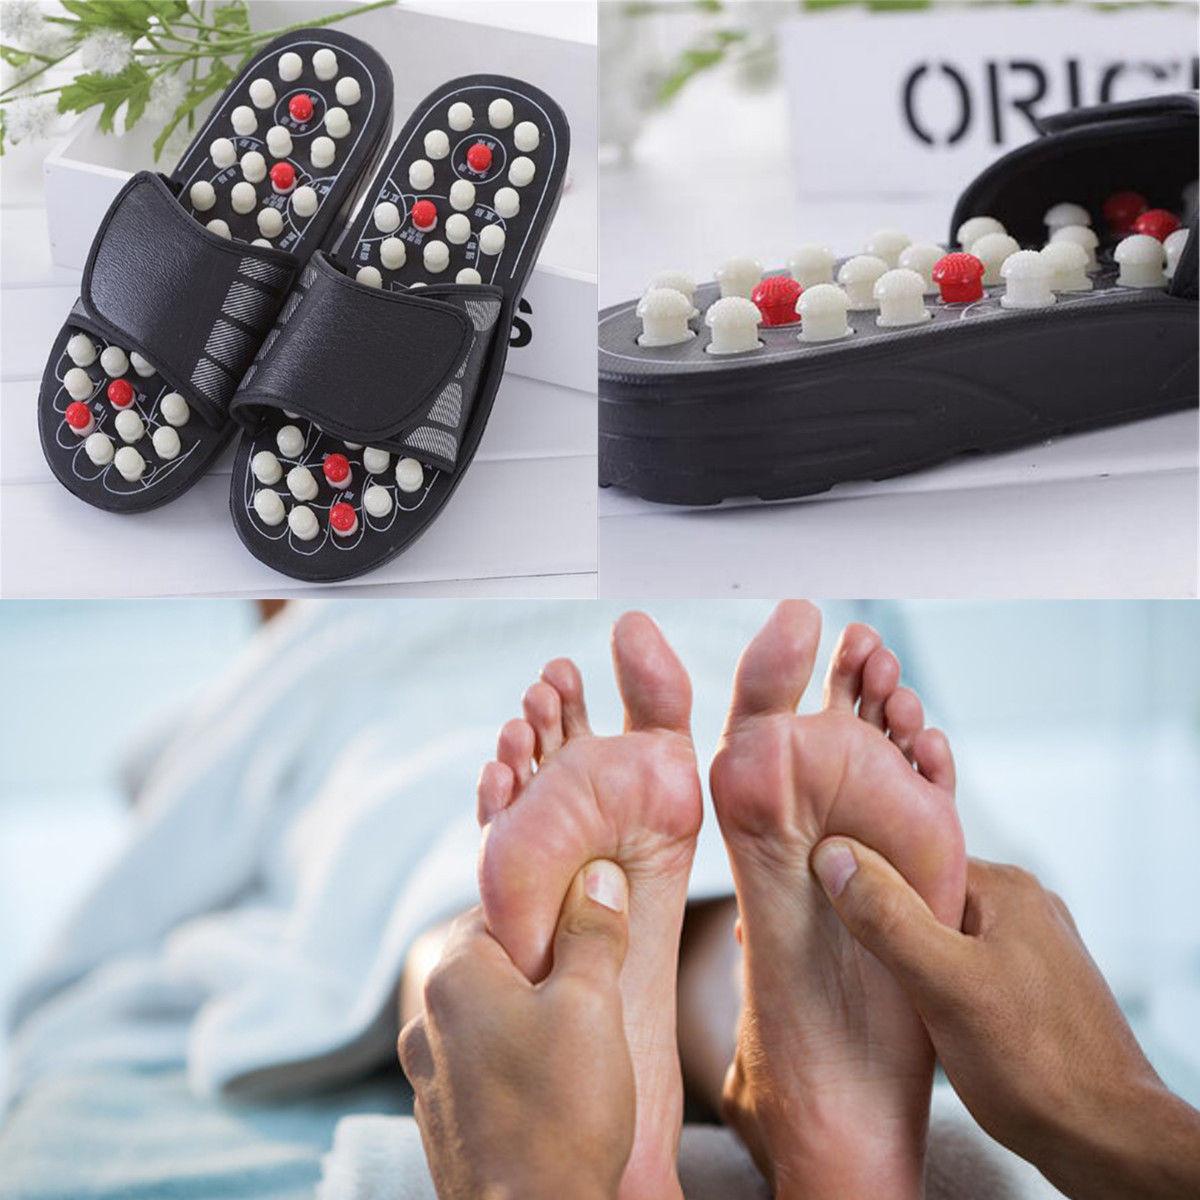 e03442d6372b Foot Massager Slipper Reflexology Sandals Acupressure Foot Acupuncture Shoes